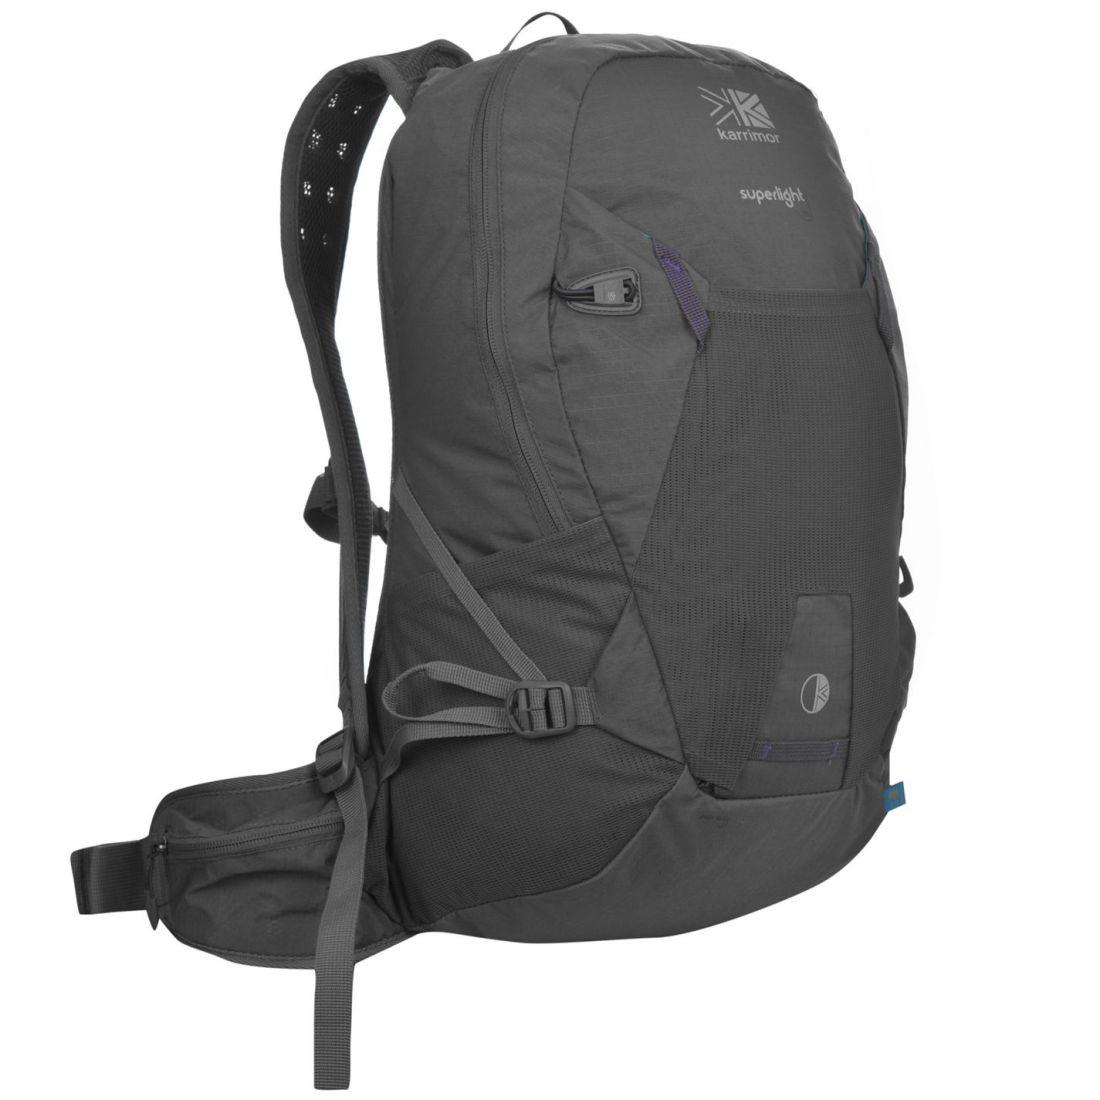 89221acdad1 Image is loading Karrimor-Superlite-20-64-Backpack-Daysack-Rucksack-Bag